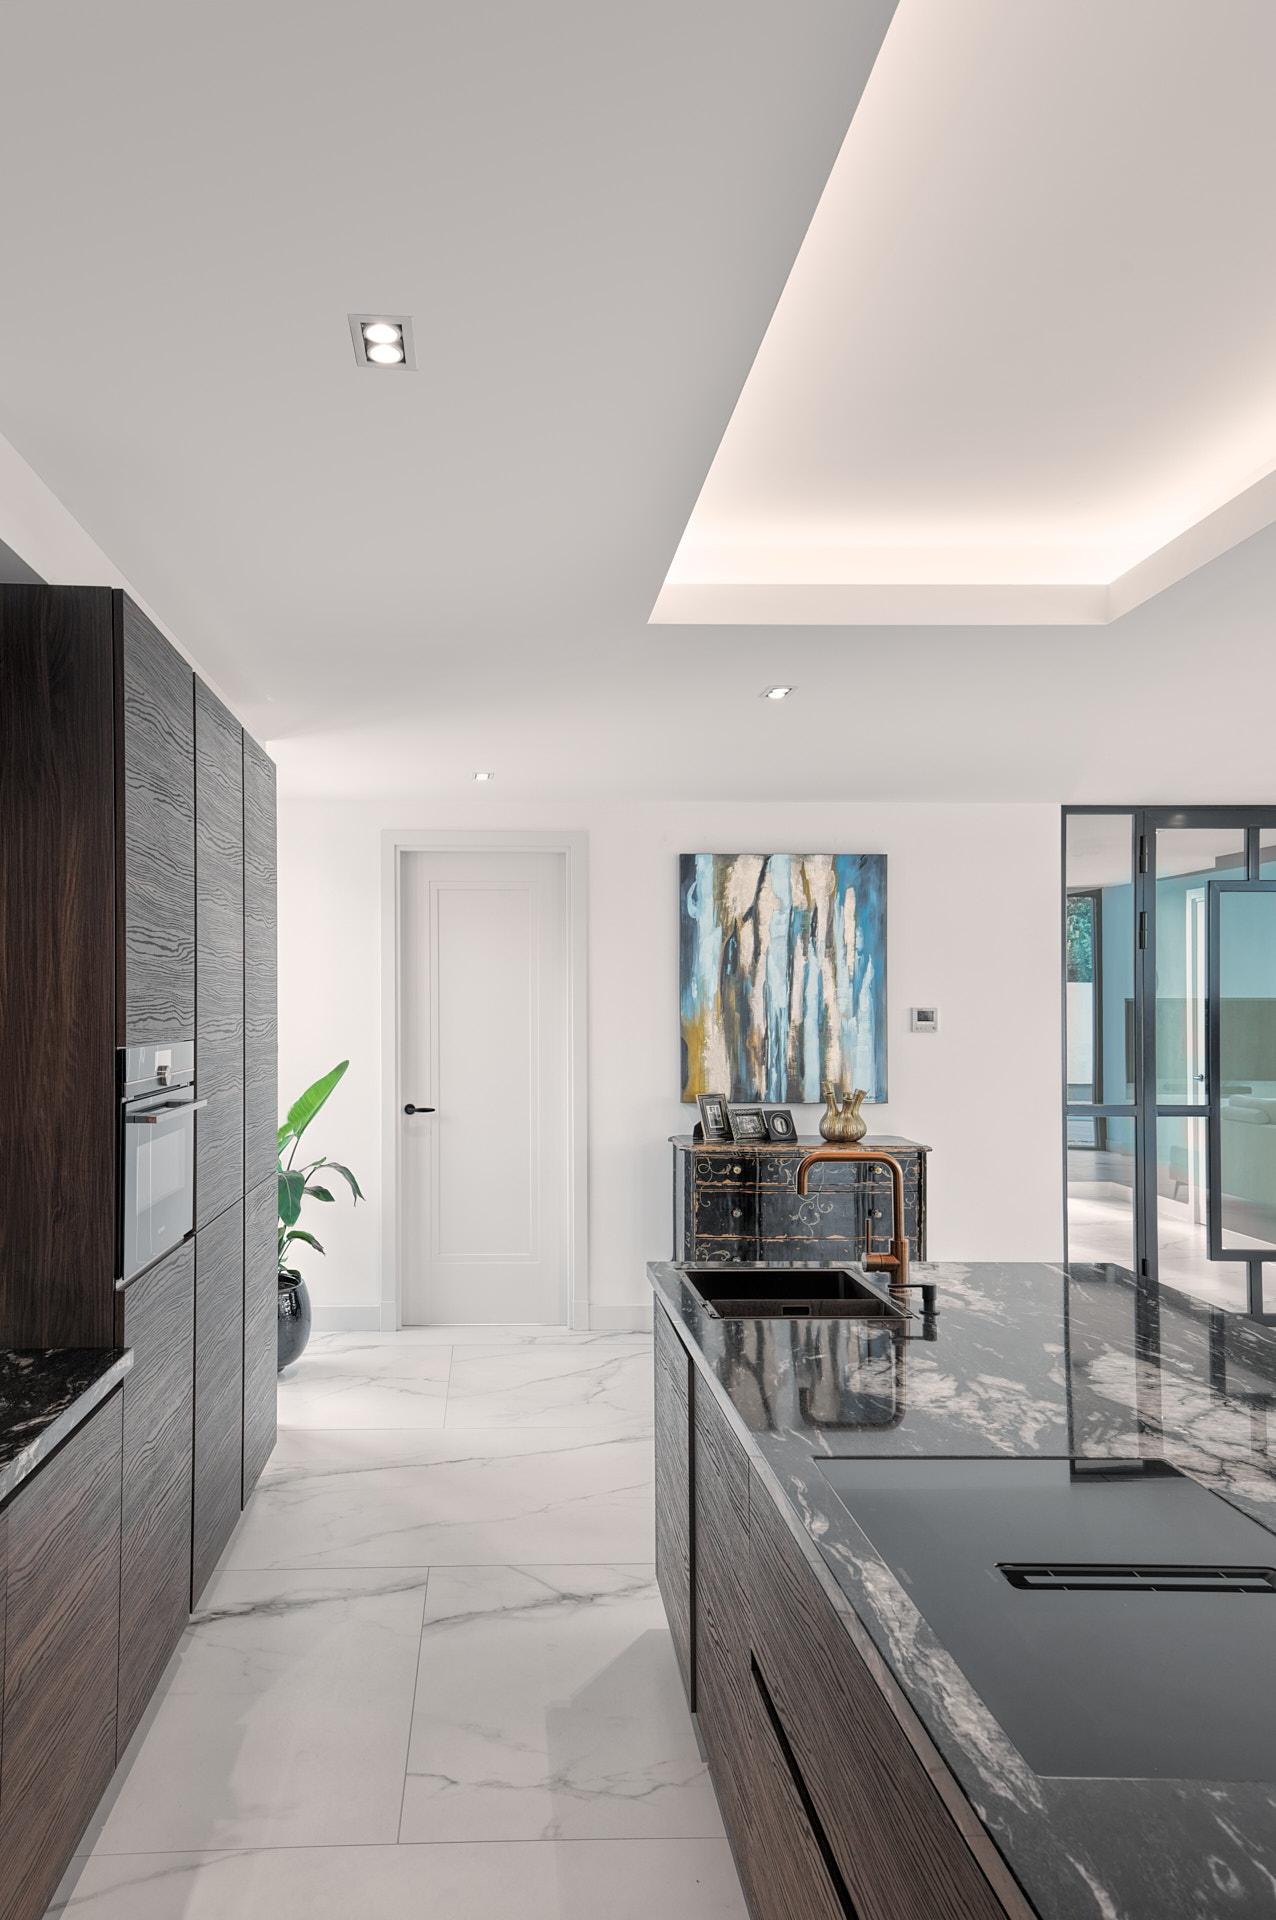 Keukenontwerp met marmeren tegels en plafondverlichting.